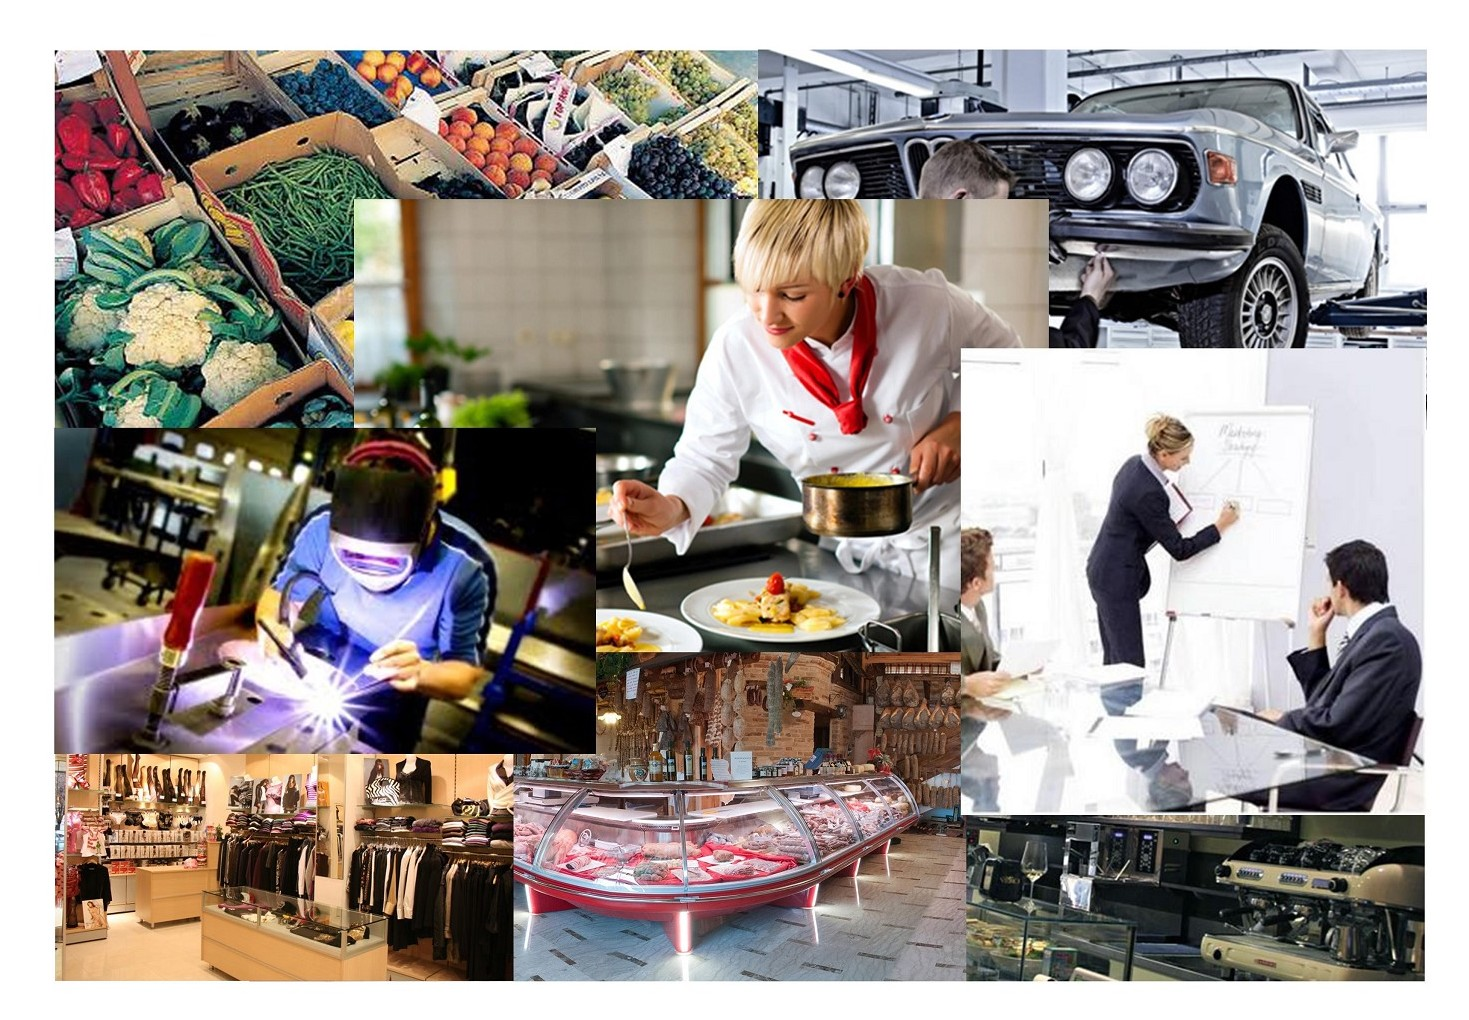 Cessione attività: come vendere l'attività commerciale